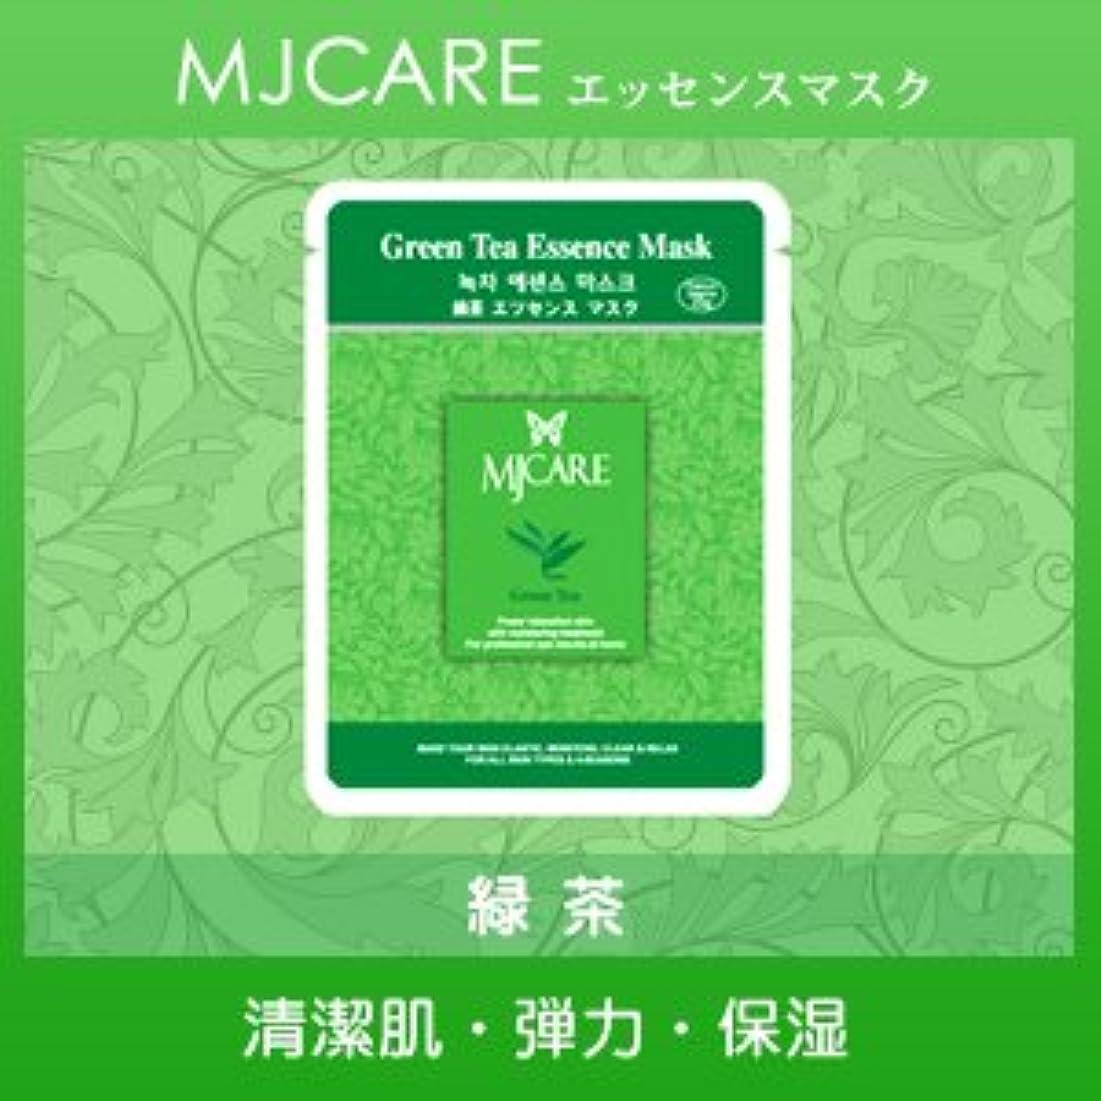 欠陥ピース明確なMJCARE (エムジェイケア) 緑茶 エッセンスマスク